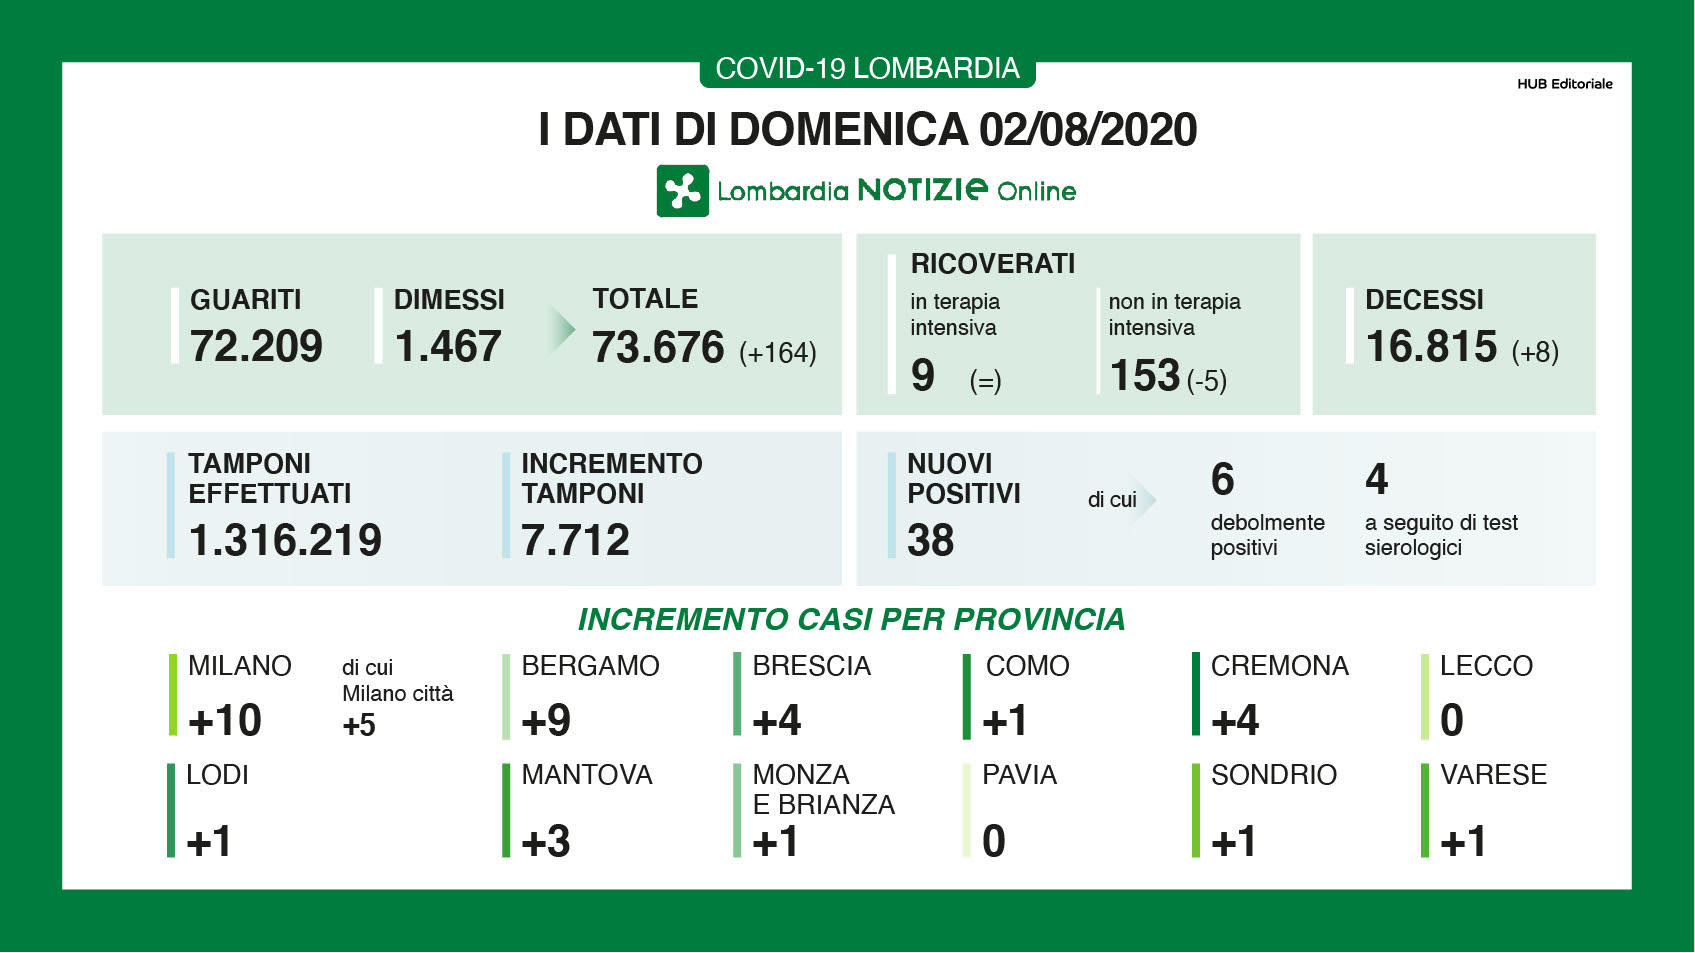 Coronavirus |  calano ancora i nuovi contagi in Lombardia |  +38 contro i +55 di ieri  In lieve aumento le morti +8